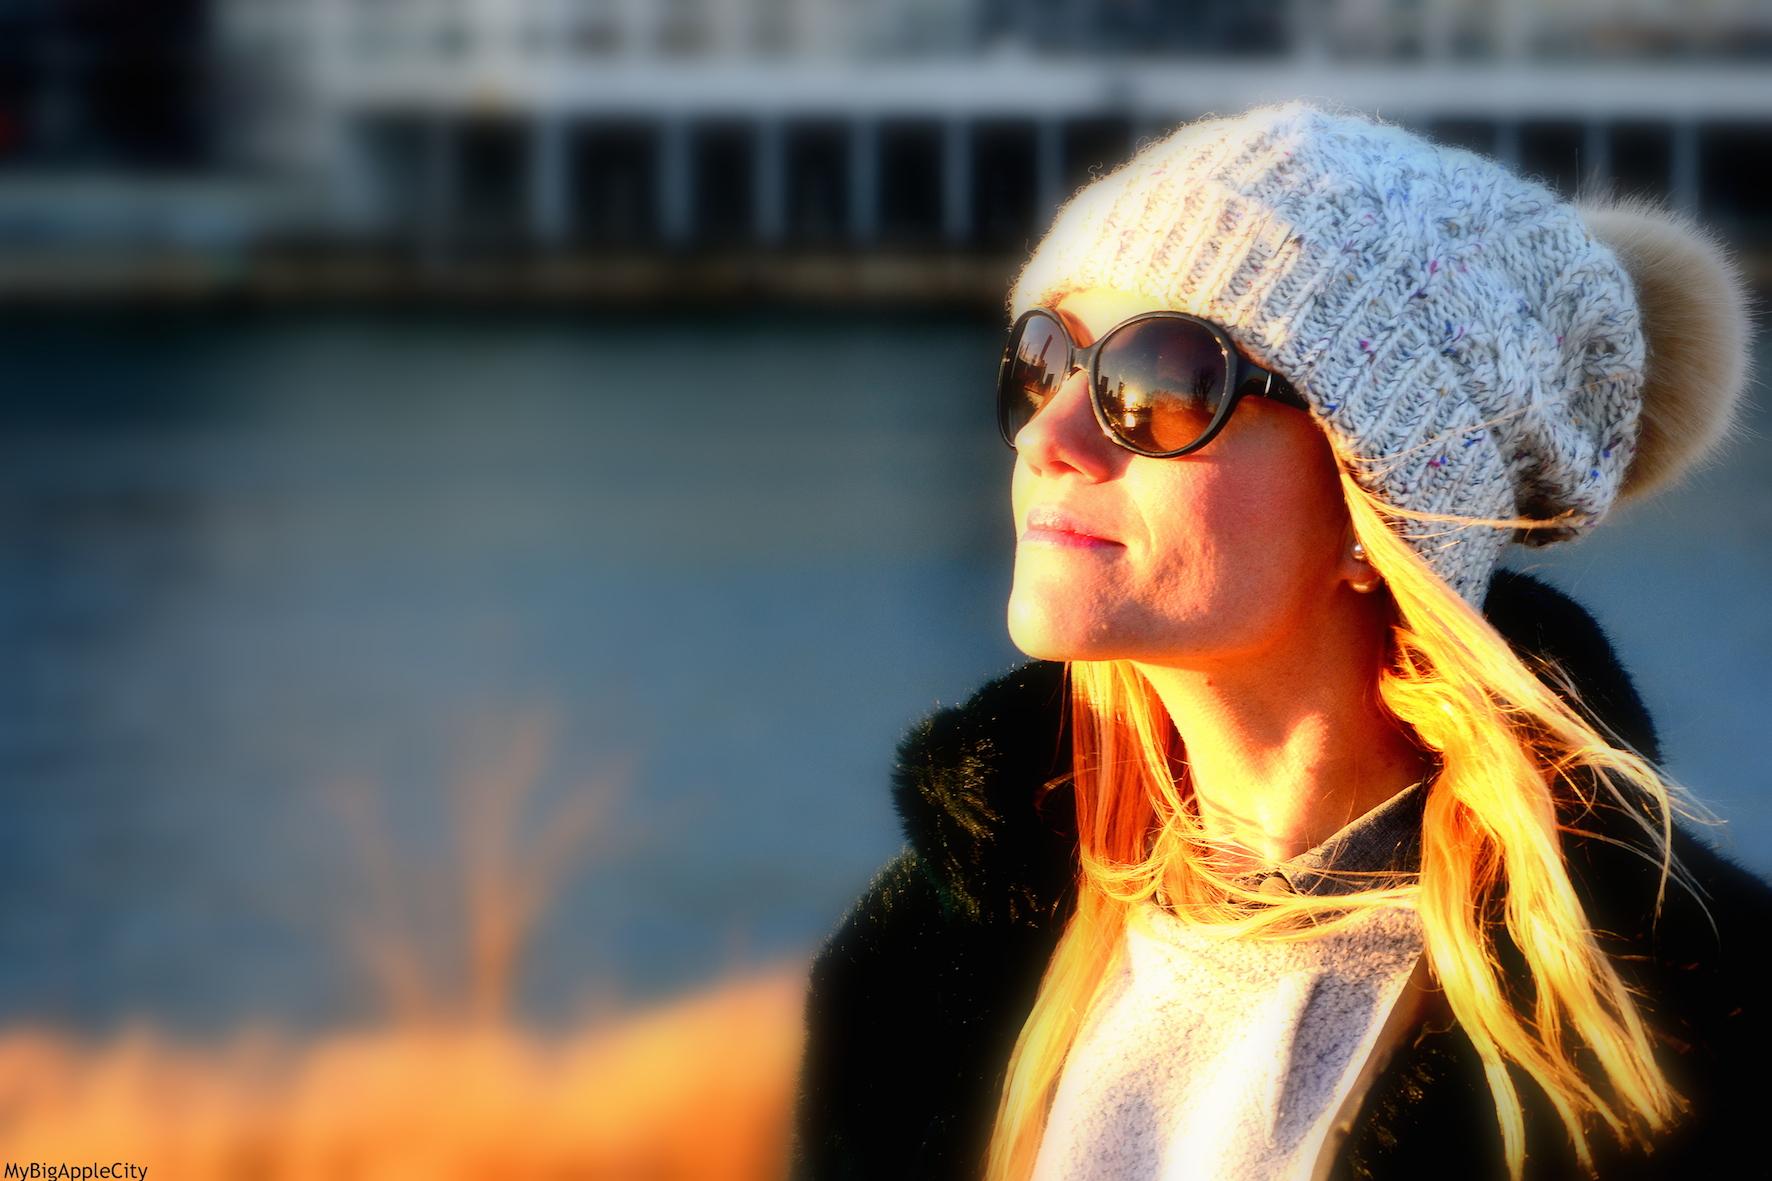 MyBigAppleCity-Sunset-Travel-Fashion-blogger-NYC-NewYork